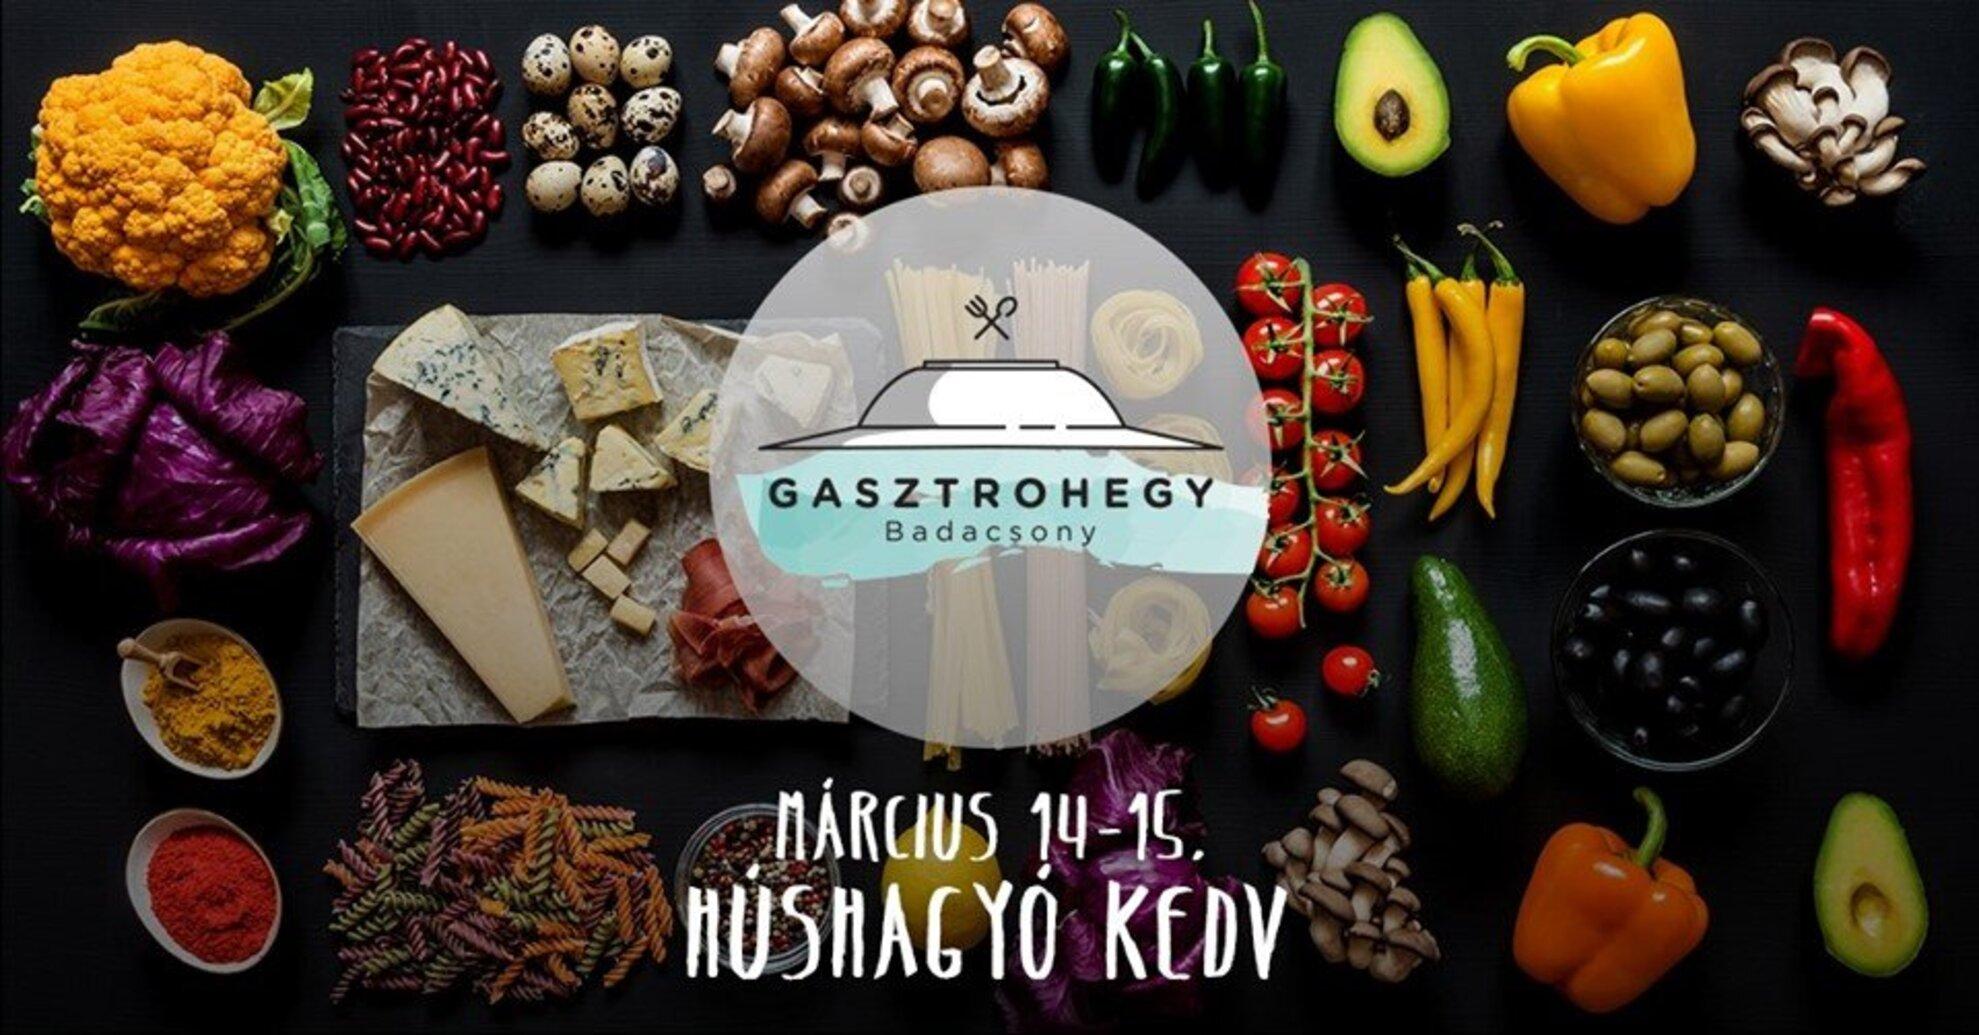 Gasztrohegy 13 – Húshagyó kedv: Zöldségek és sajtok hétvégéje